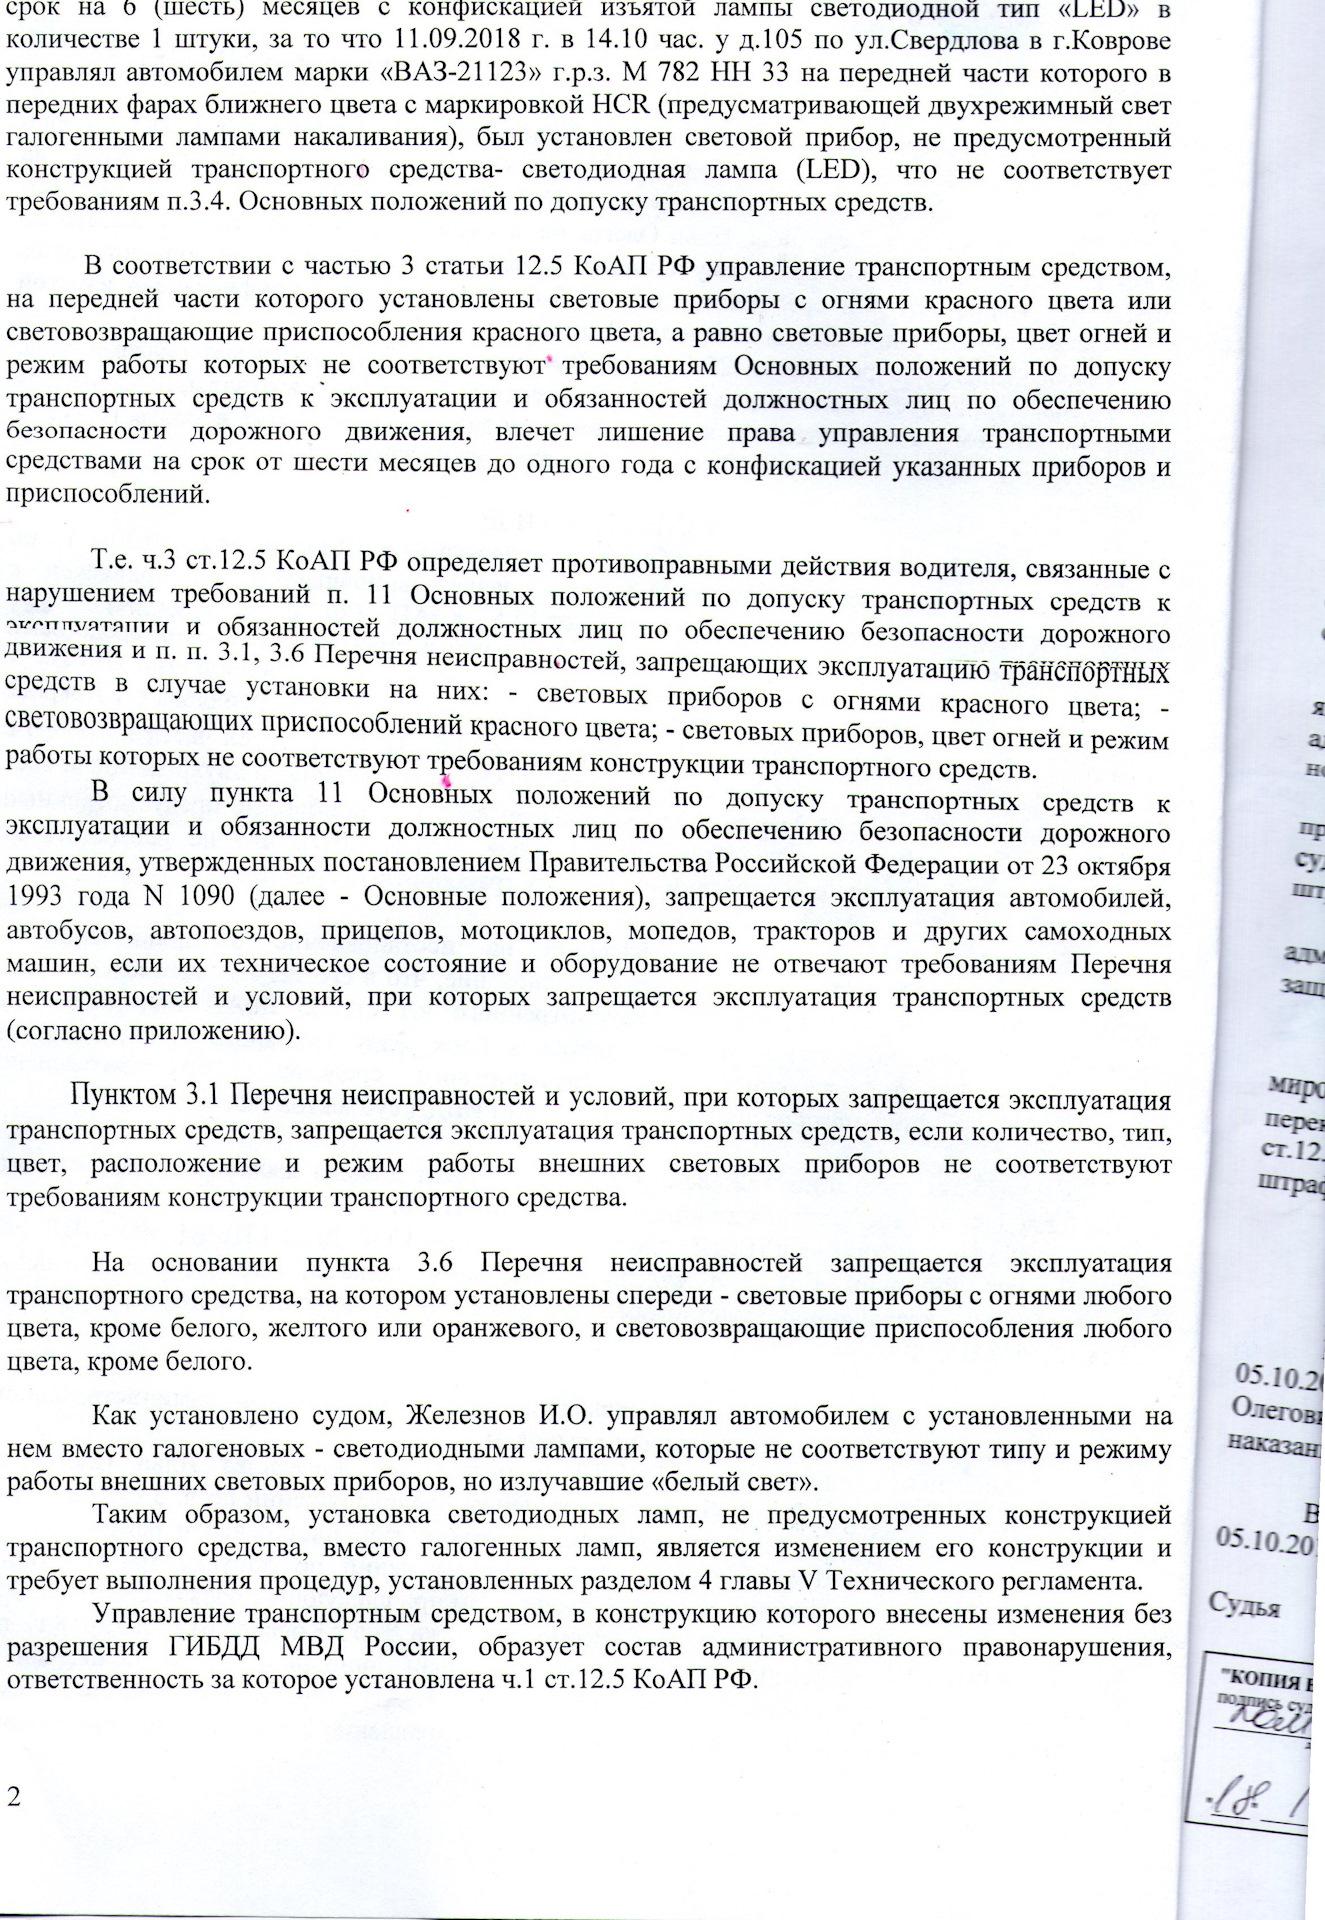 Федеральный закон экспертиза проектной документации